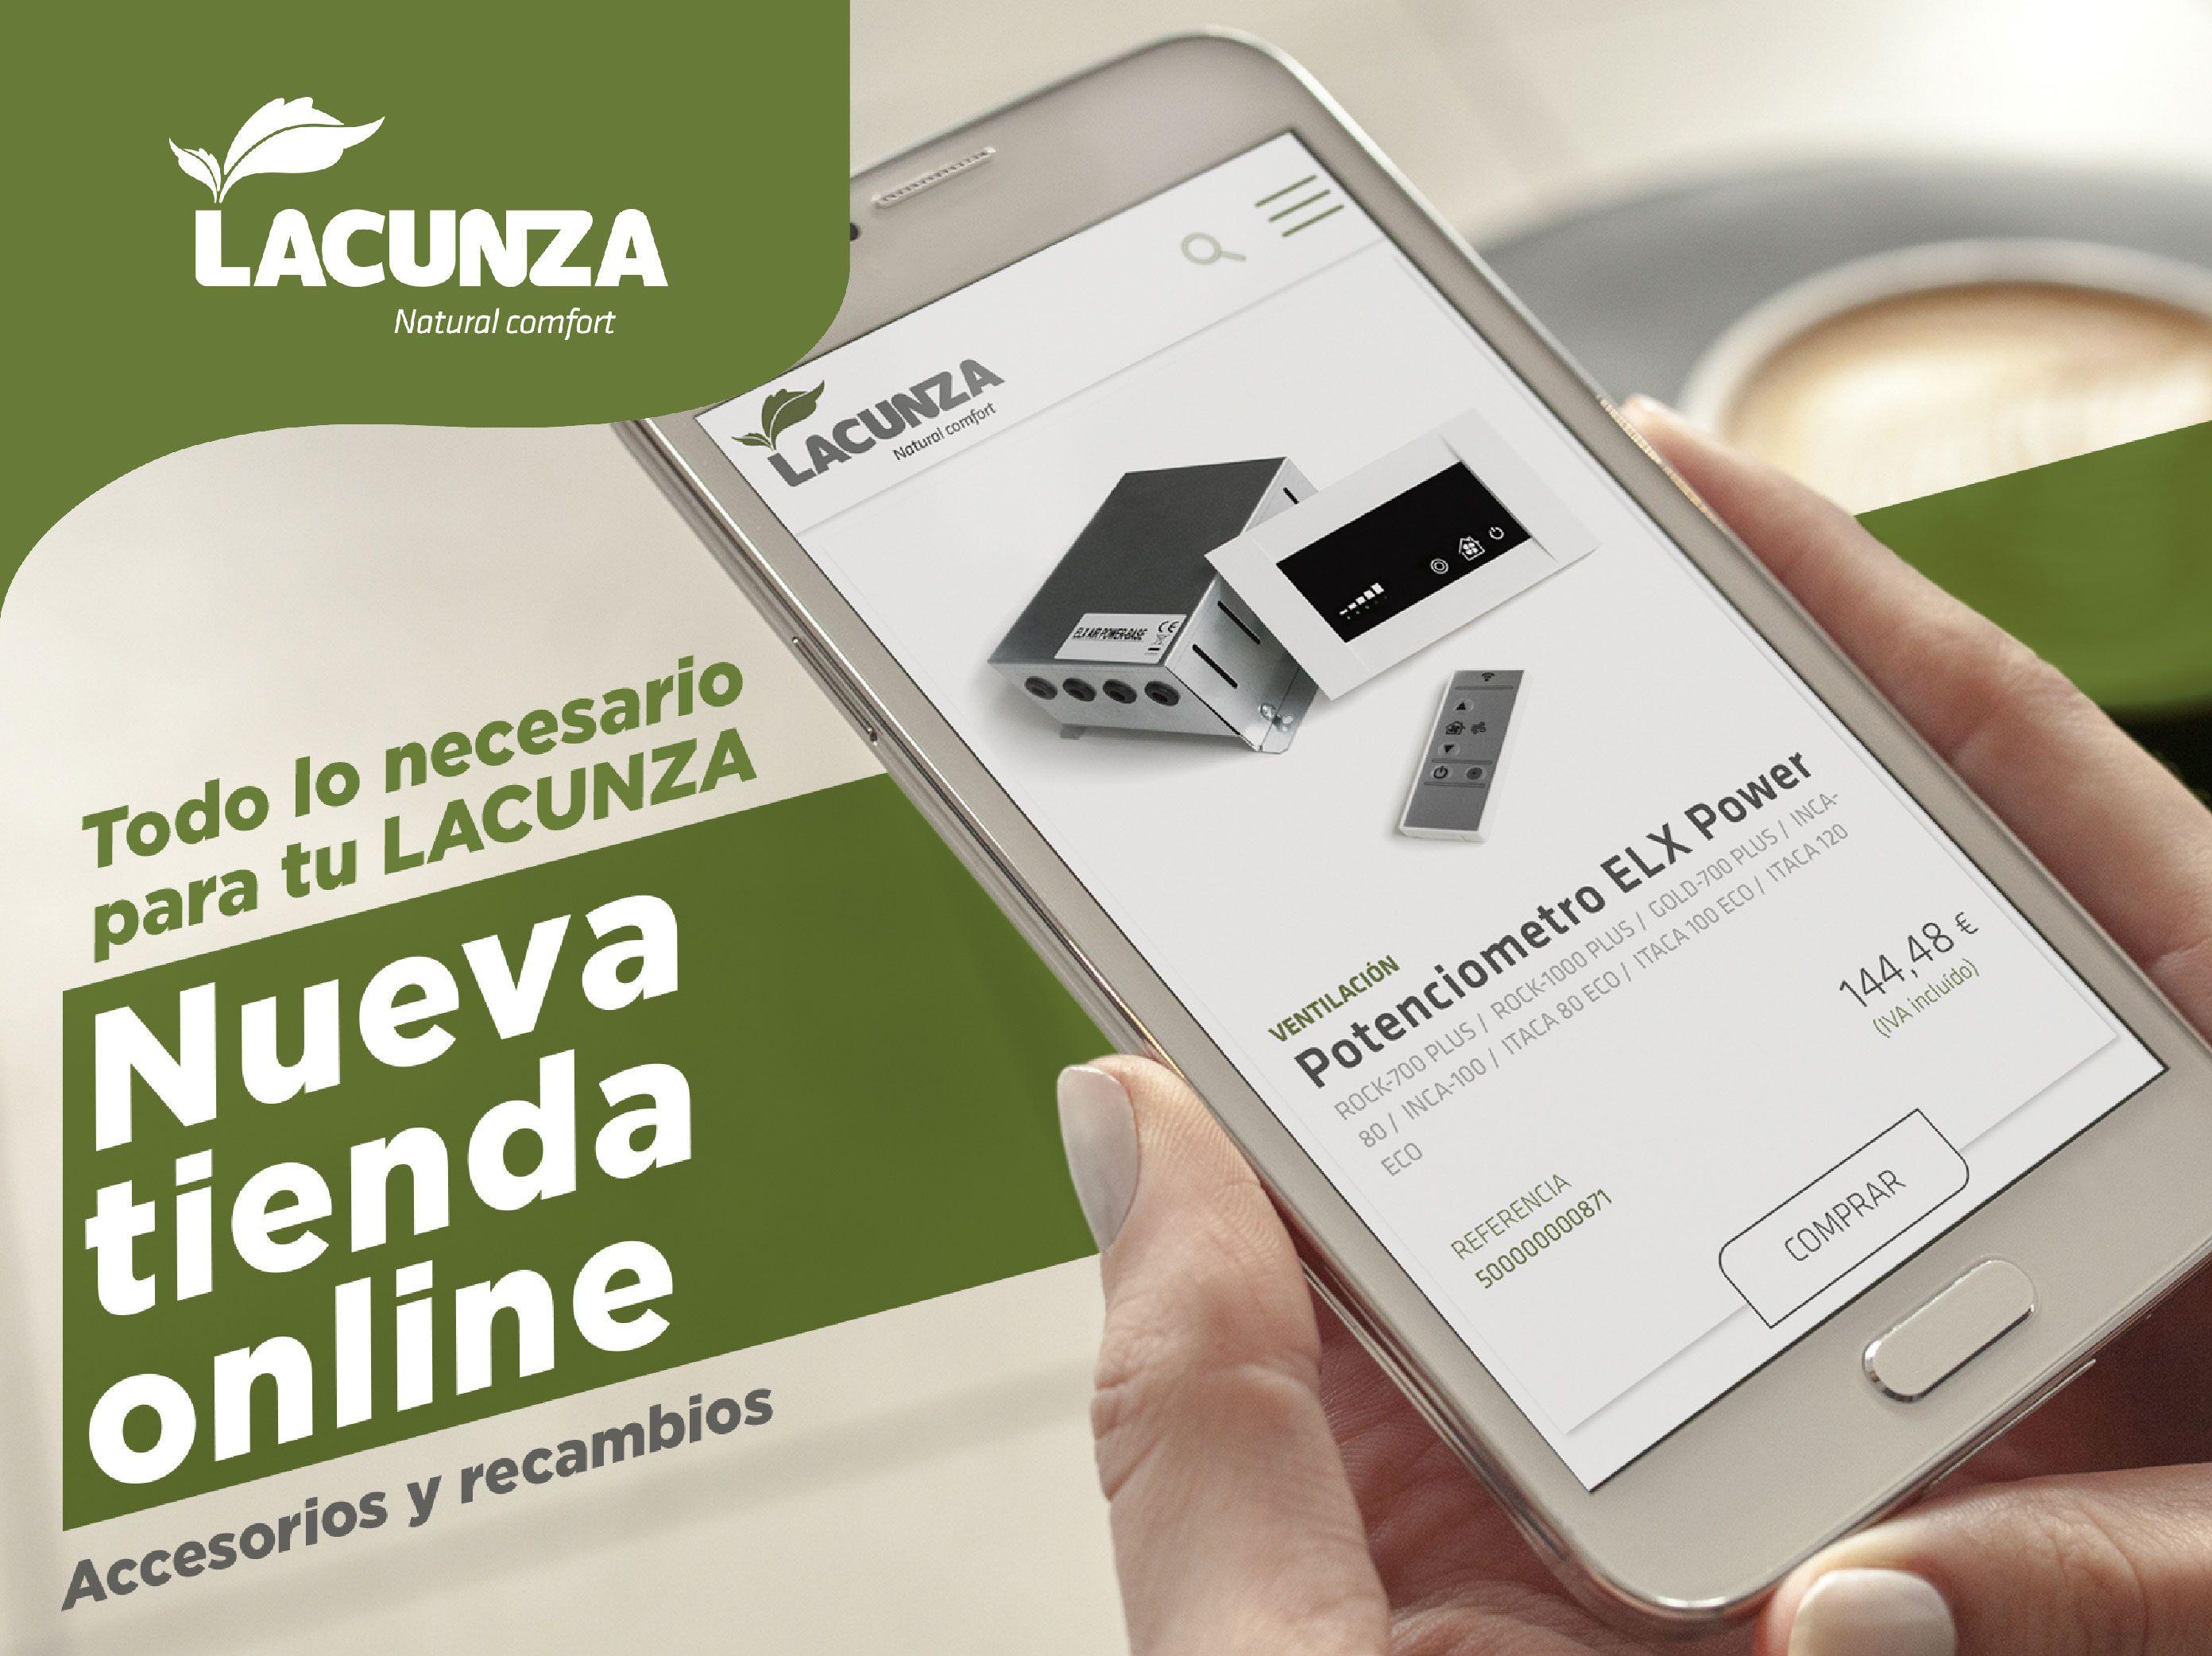 LACUNZA lanza su nueva tienda online de accesorios